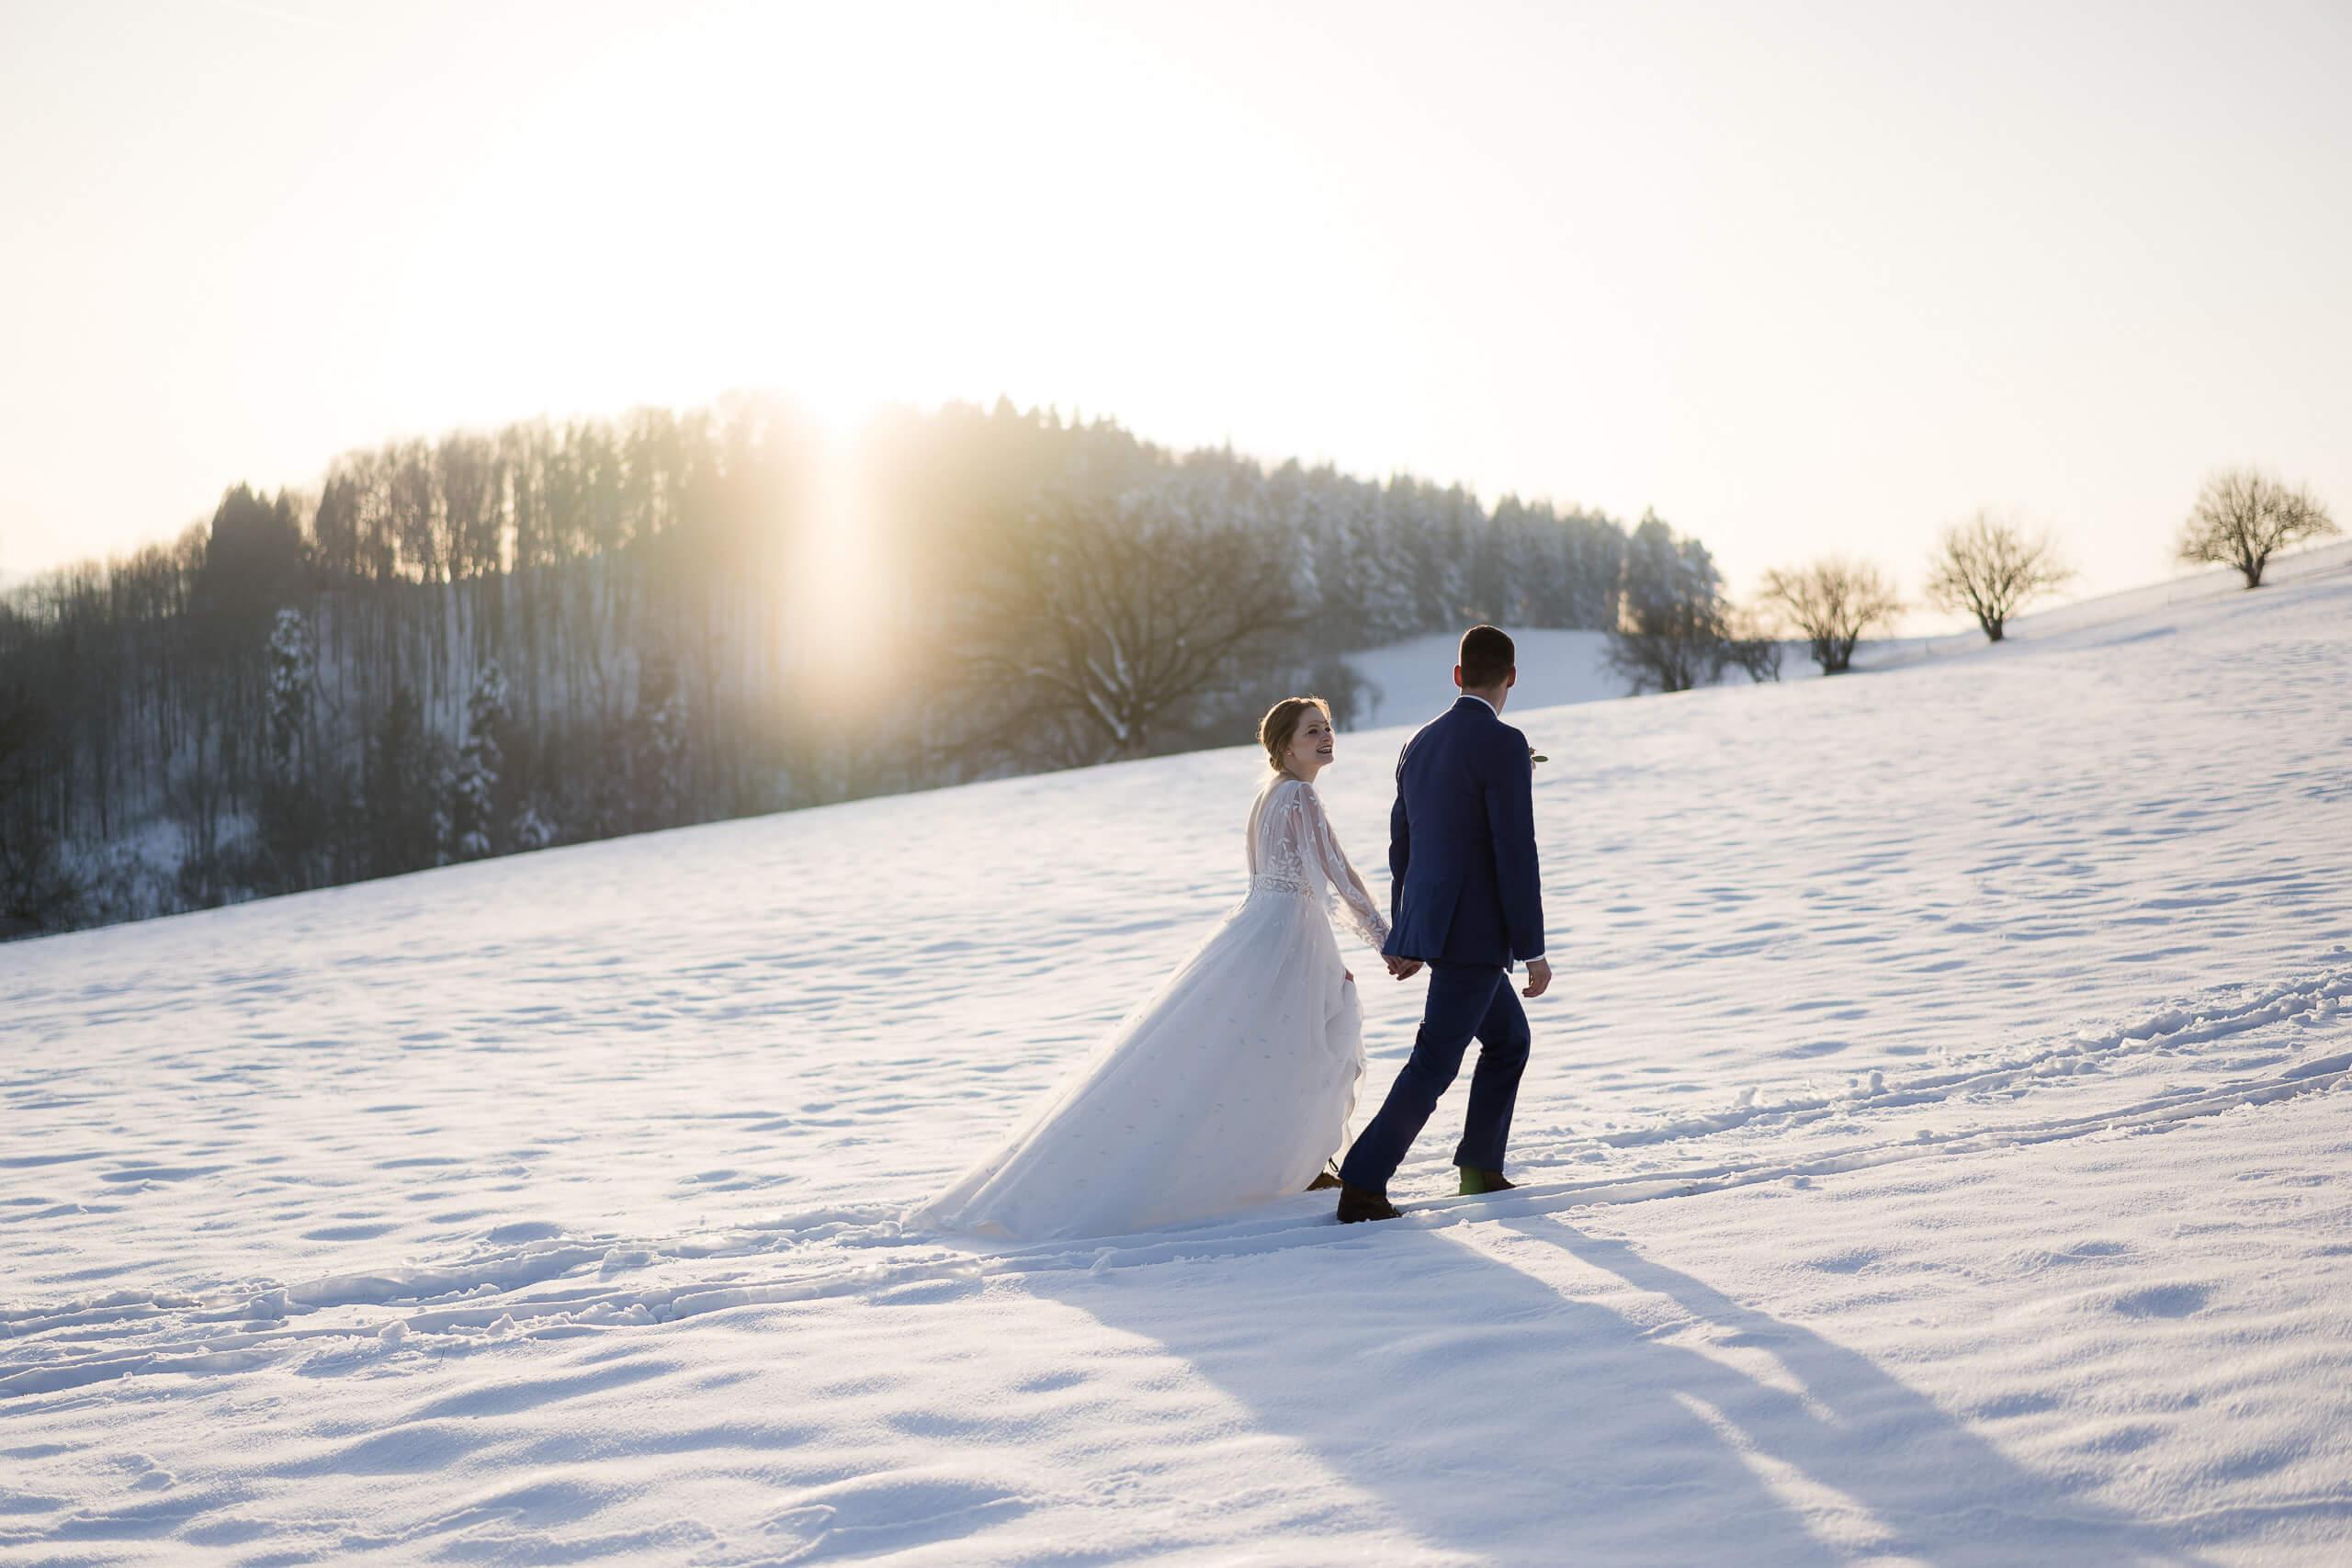 Hochzeitsfotografin - Barbara Wenz 1